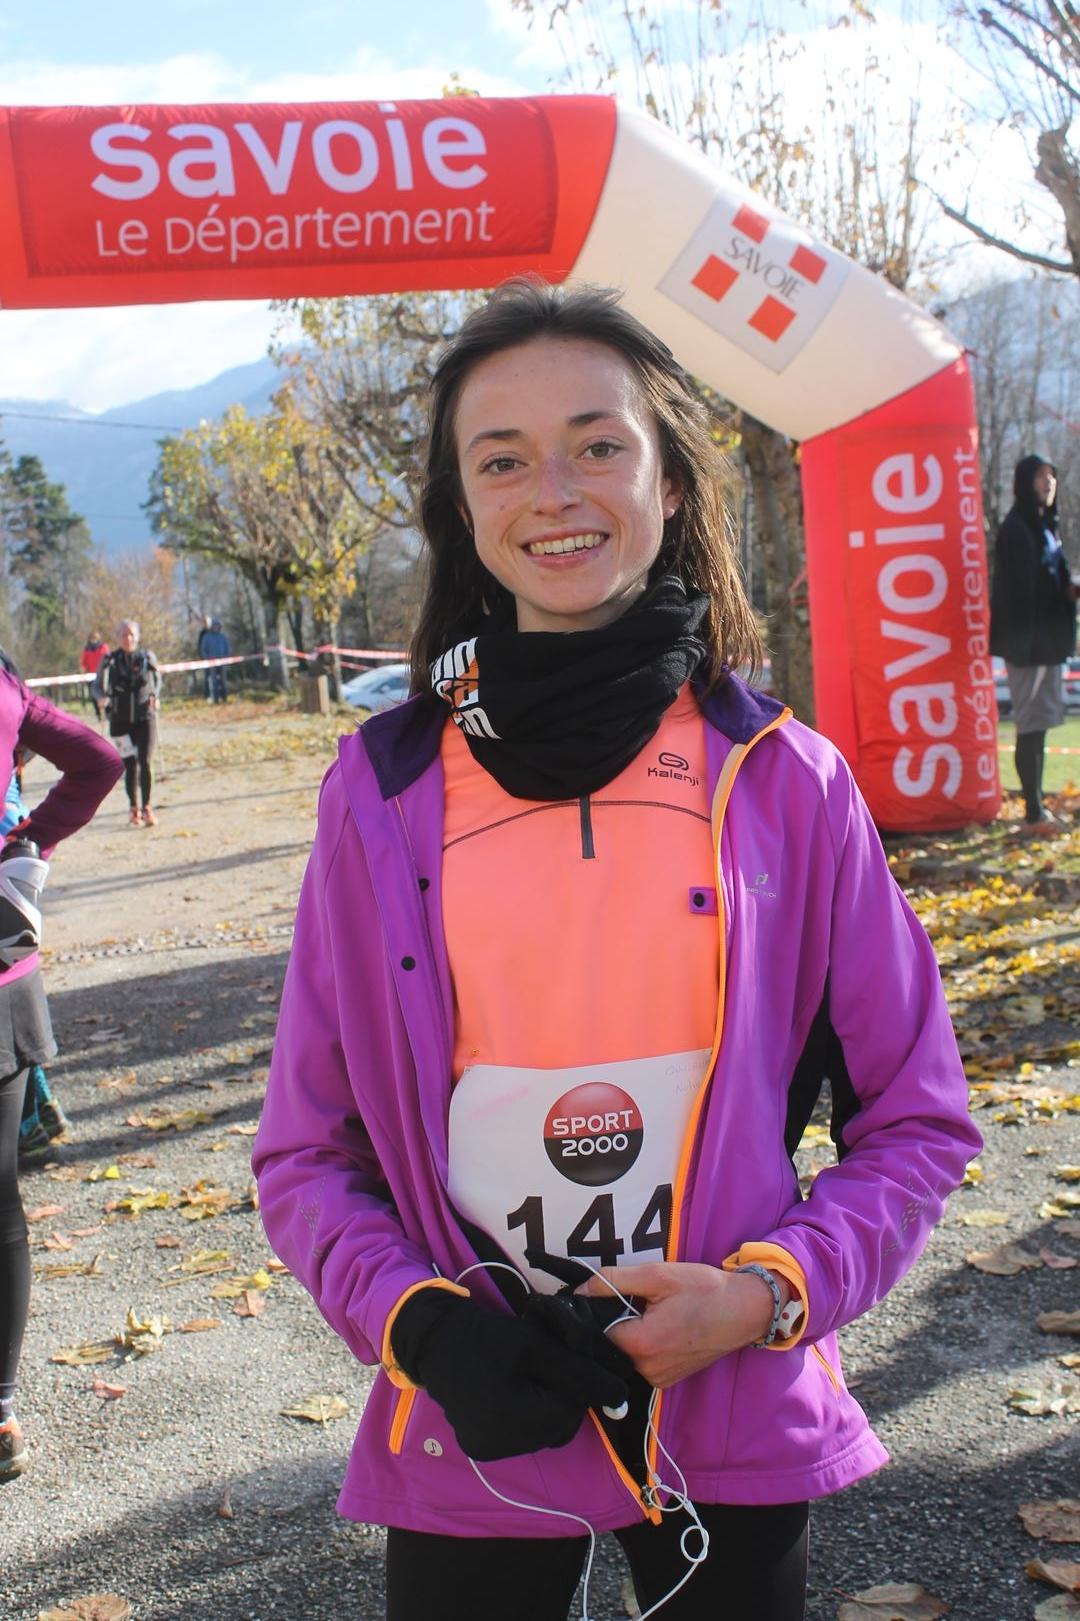 1ere femme du 23km e1512067558170 - RESULTATS ET COMPTE RENDU DE LA SANGERUN 26-11-2017 SAINT JEAN D'ARVEY (73)